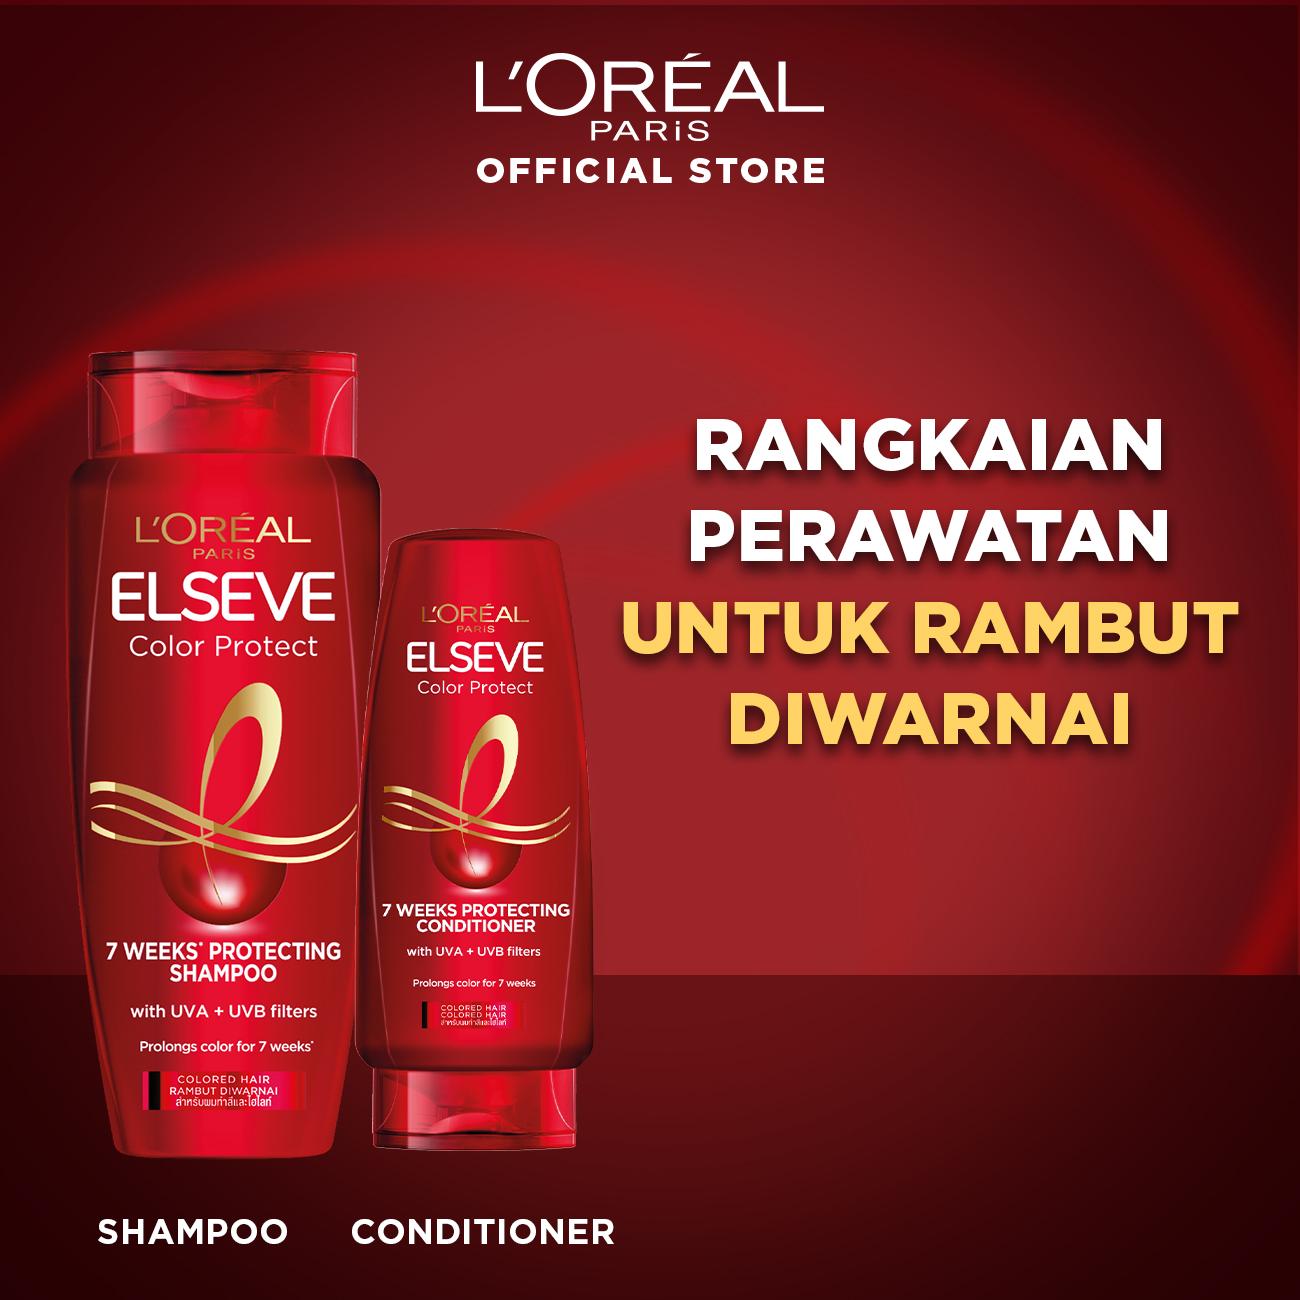 L'Oreal Paris Color Vive Protecting Shampoo Hair Care - 280 ml (Perawatan Rambut Setelah Diwarnai)-1